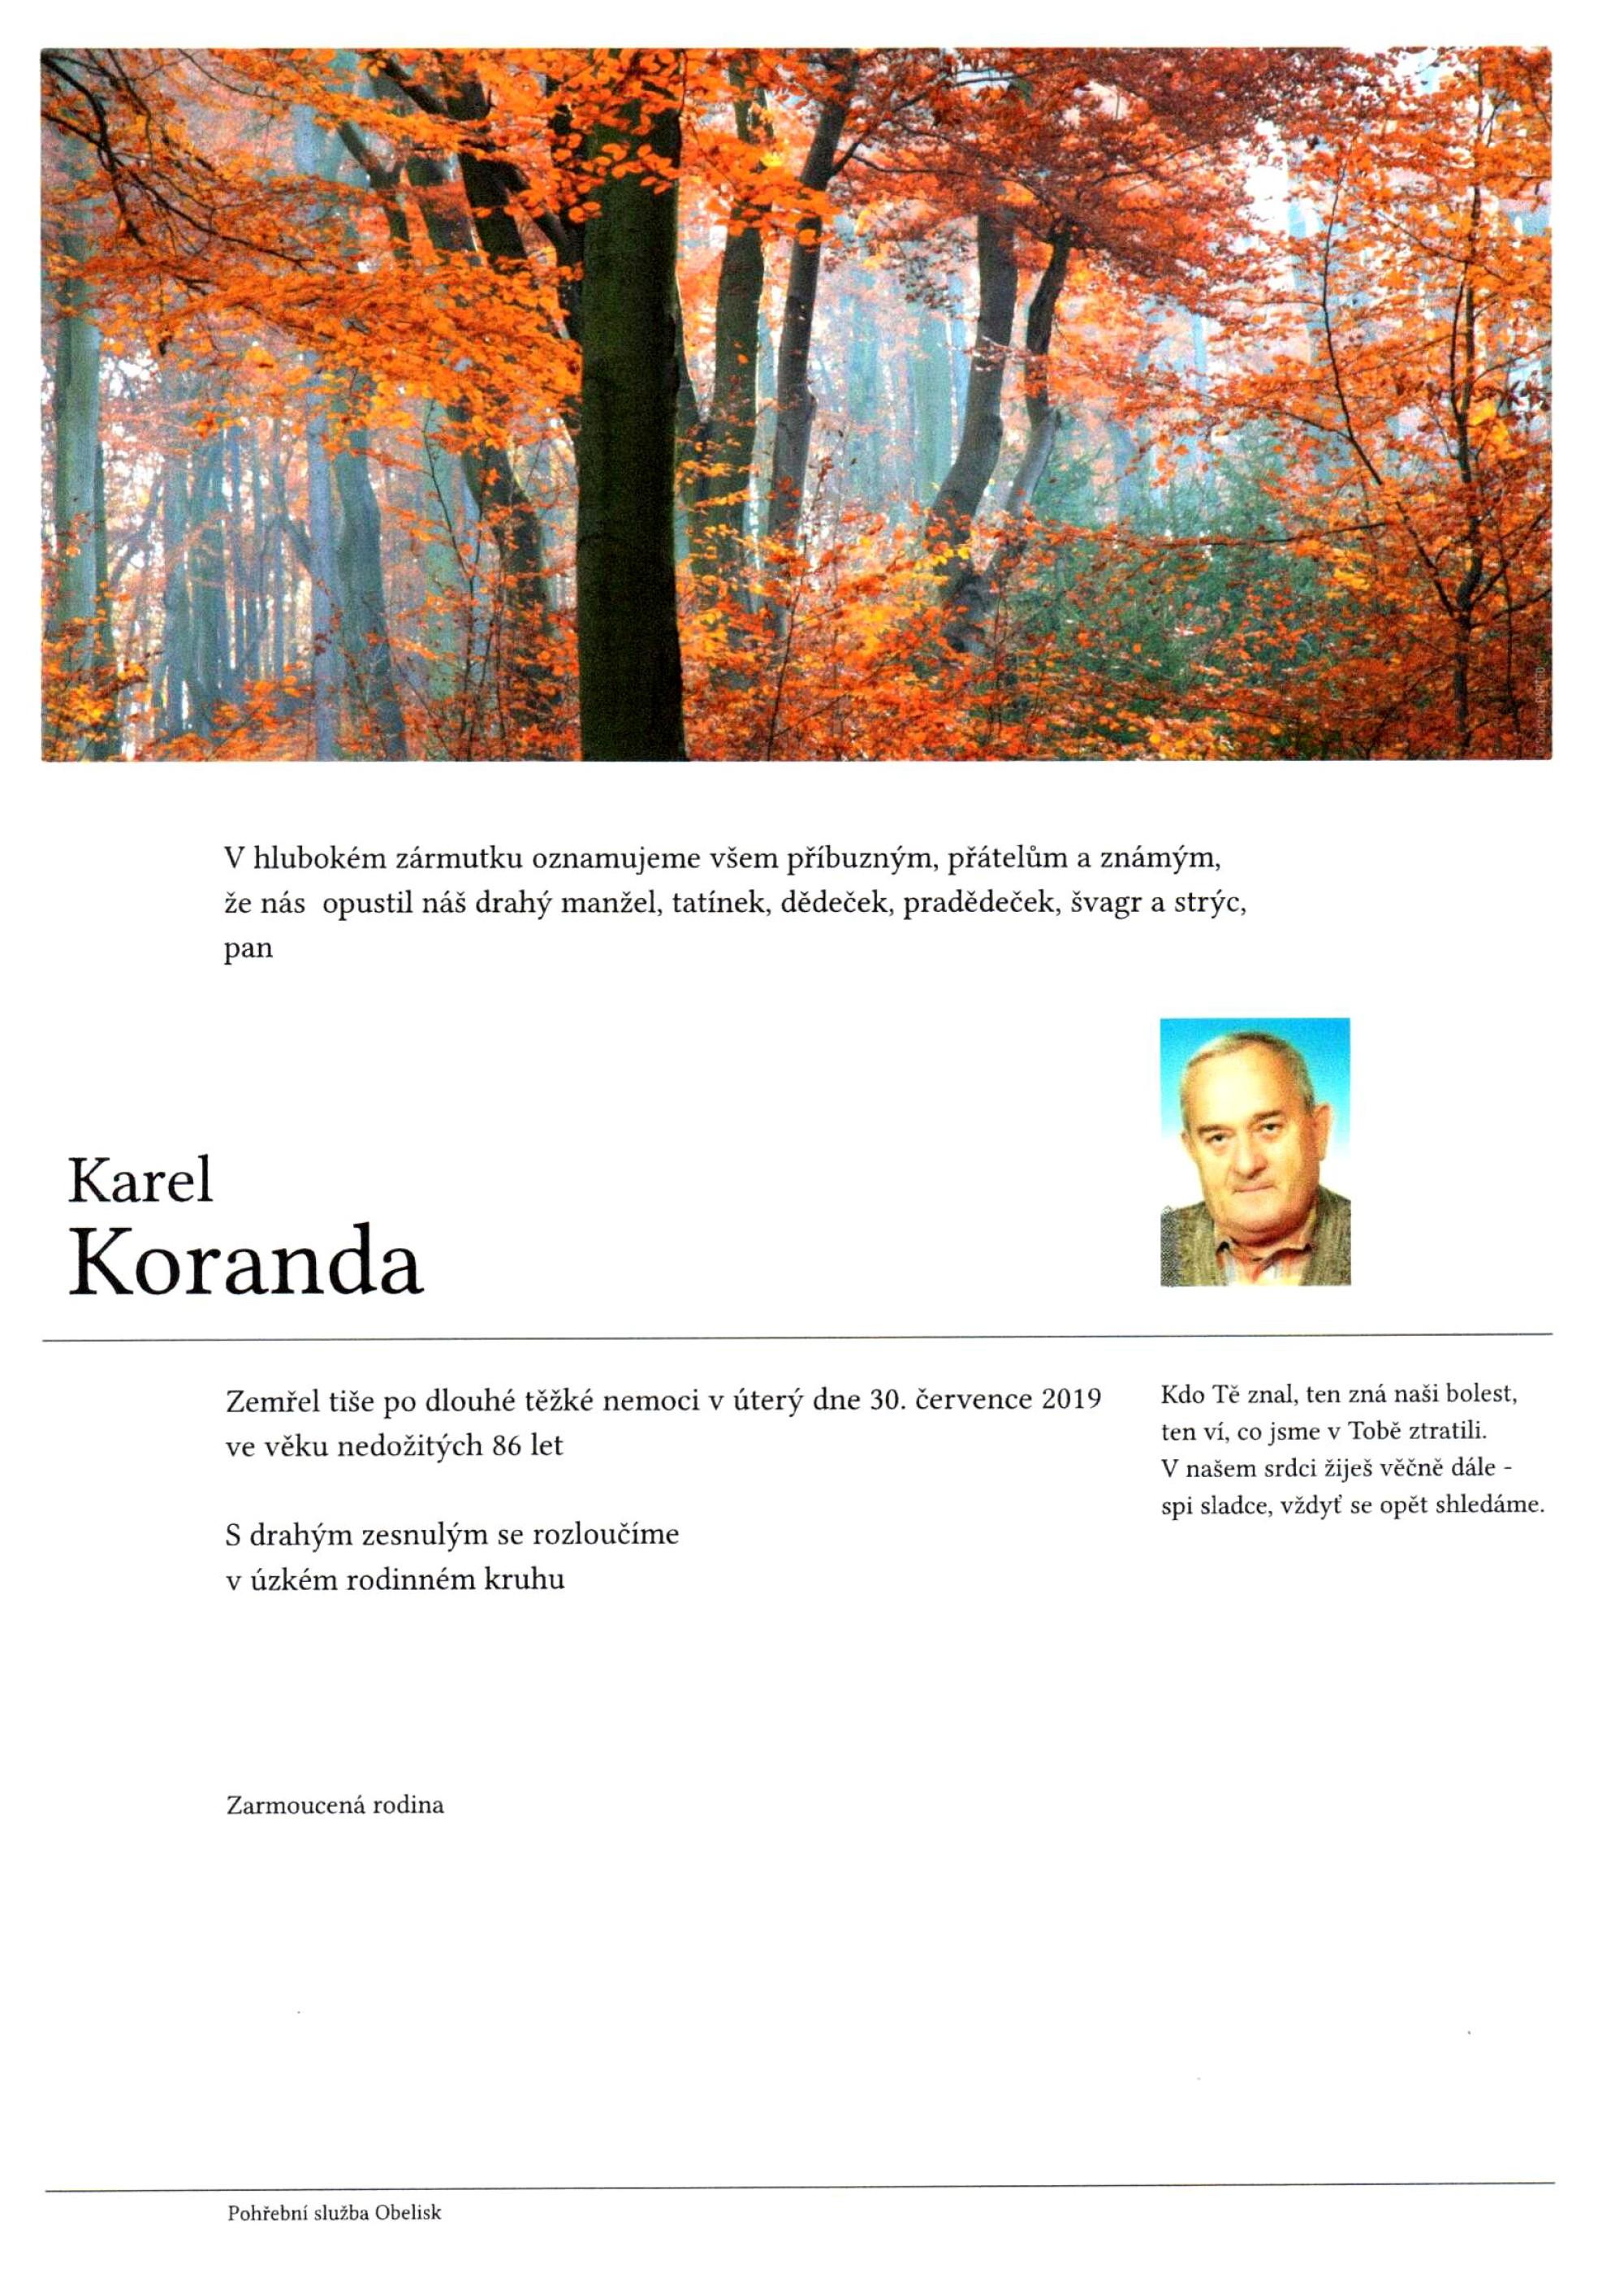 Karel Koranda